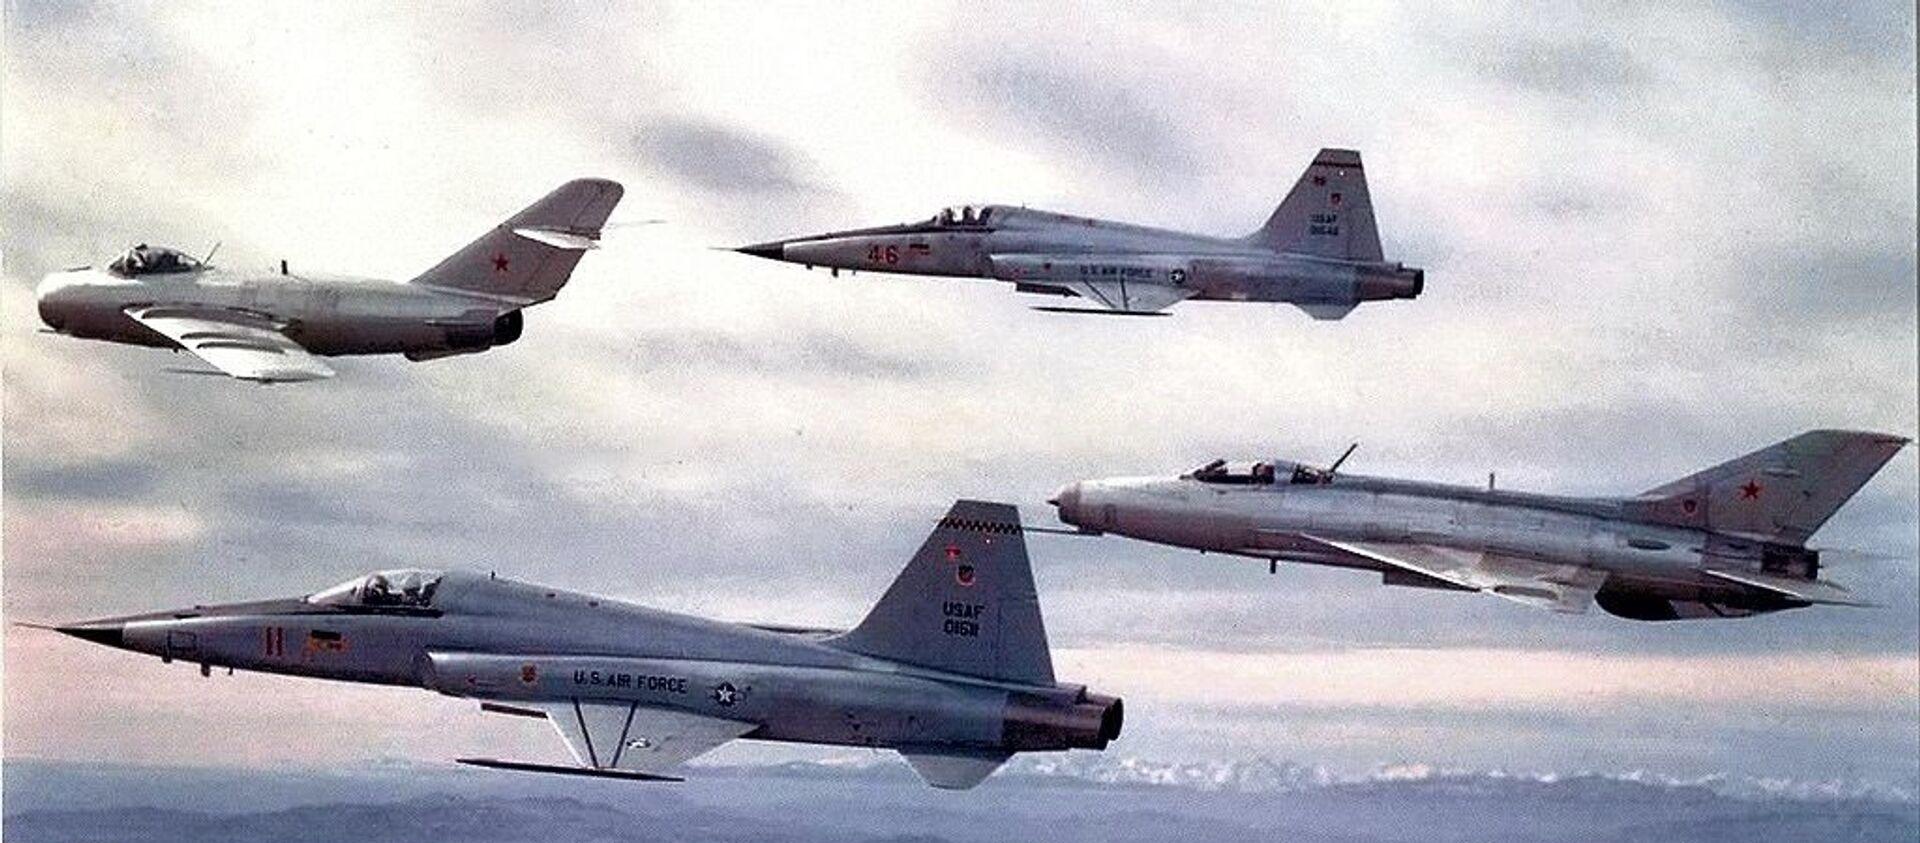 Aviones de la Escuadra de Evaluación Táctica 4477 - Sputnik Mundo, 1920, 08.02.2019